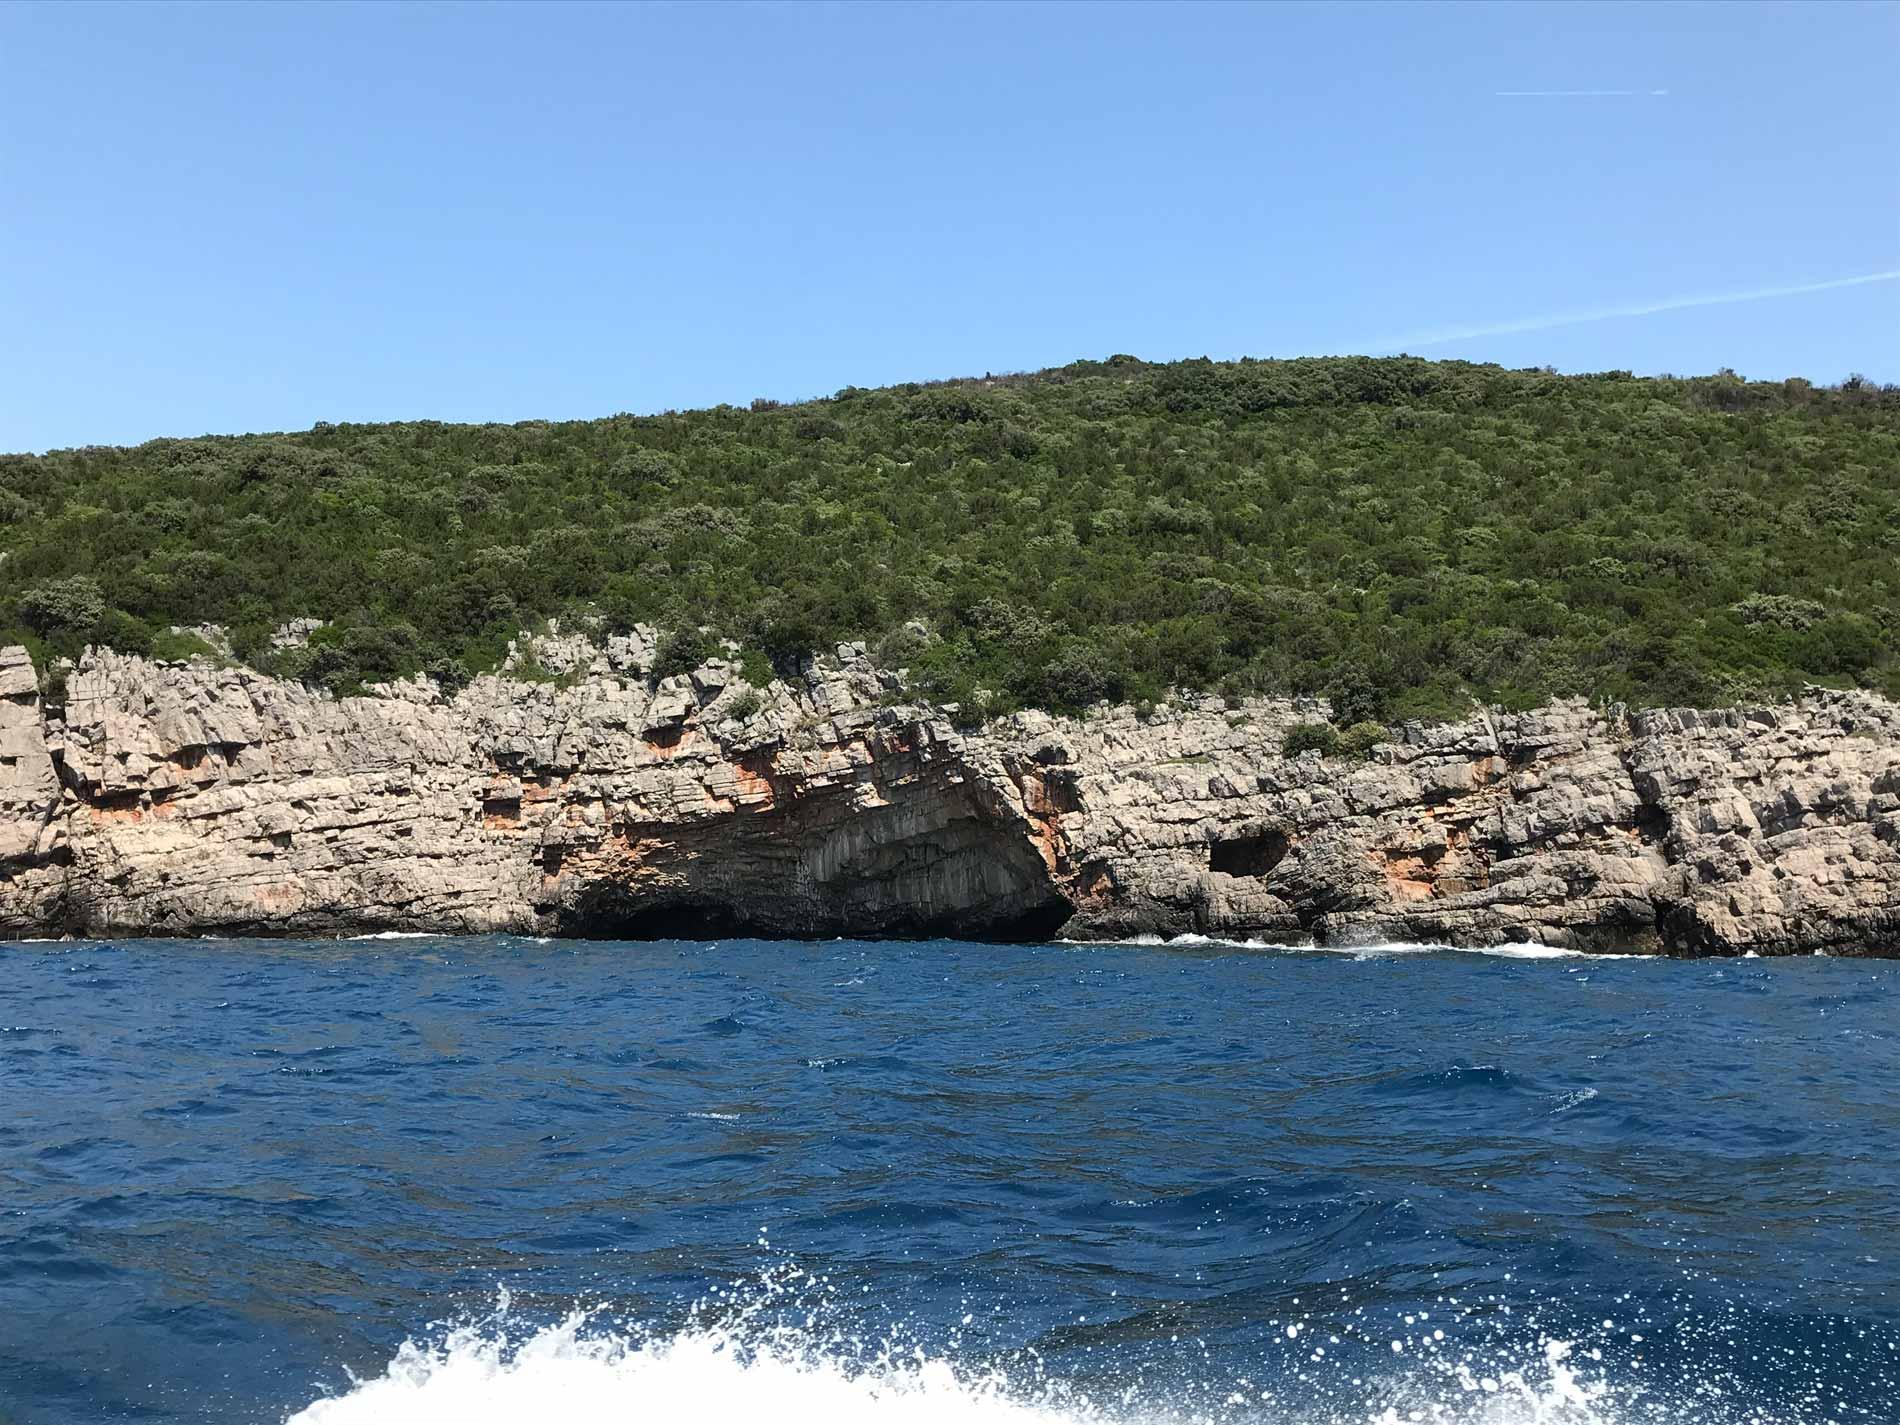 Mar-Adriatico-Bocche-di-Cattaro-Montenegro-costa-rocciosa-mare-natura